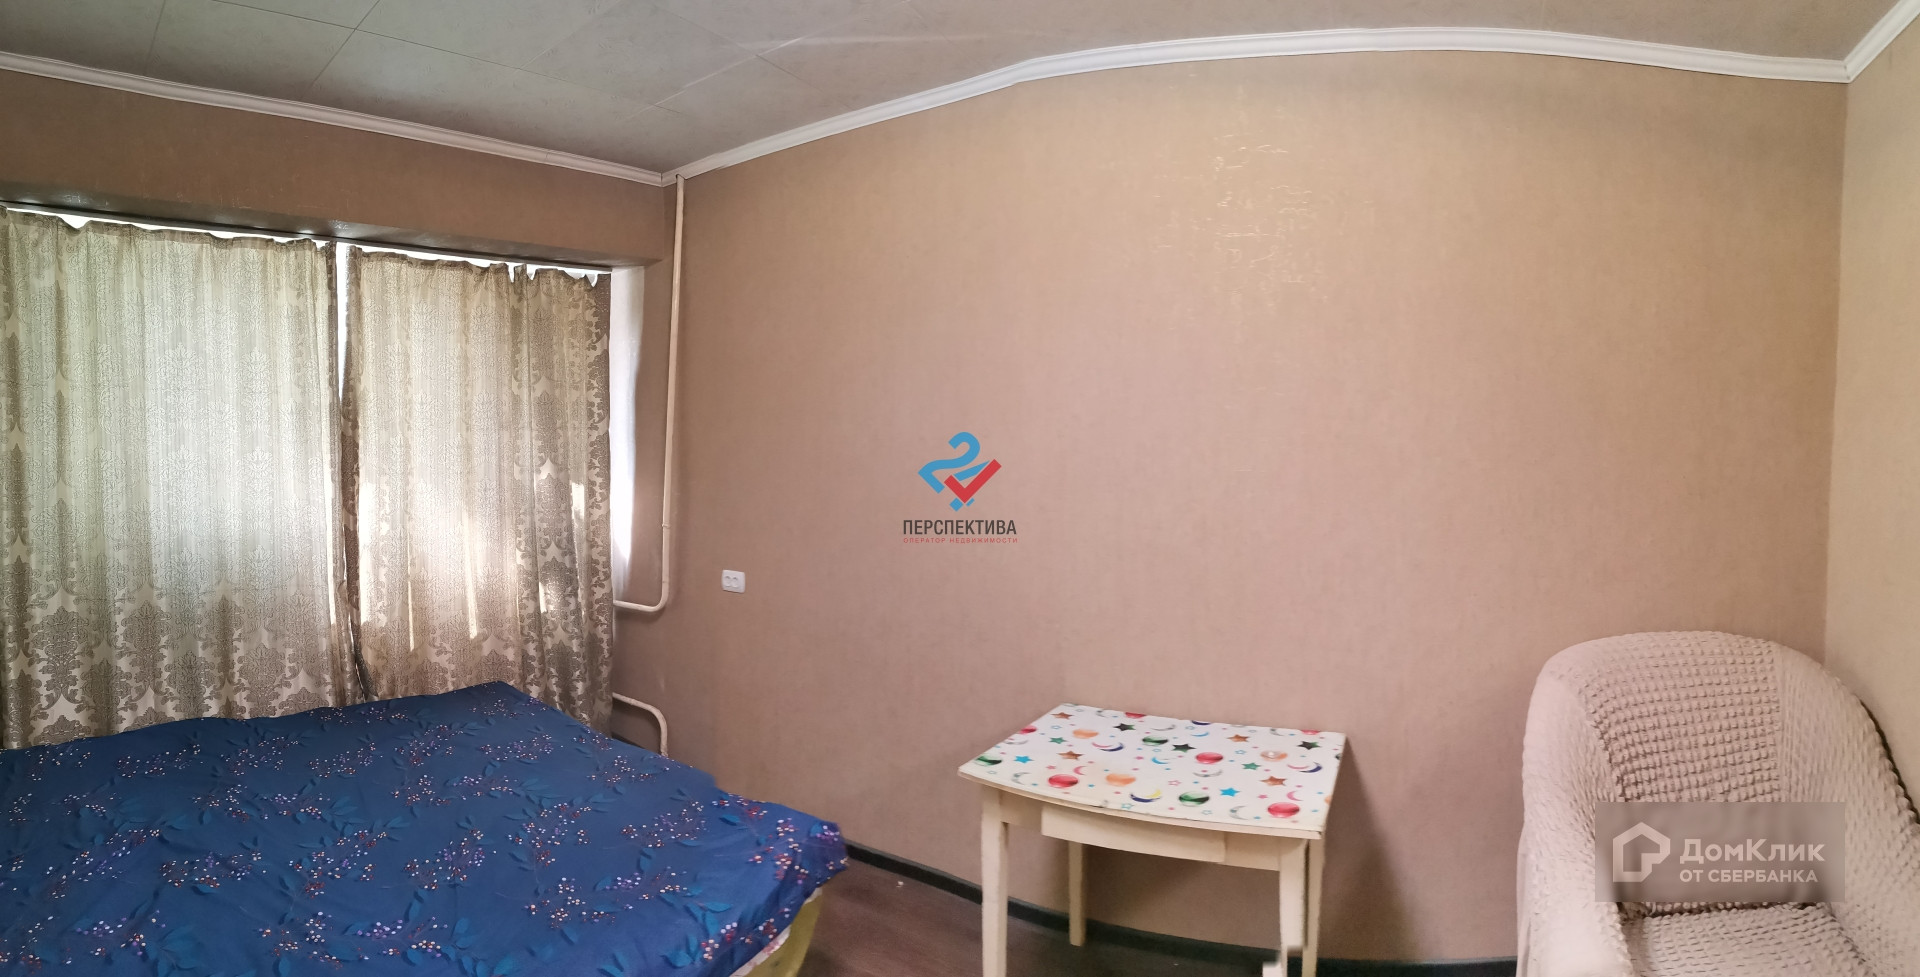 также фото и адреса домов в петропавловске камчатском заведения отвечают, сам